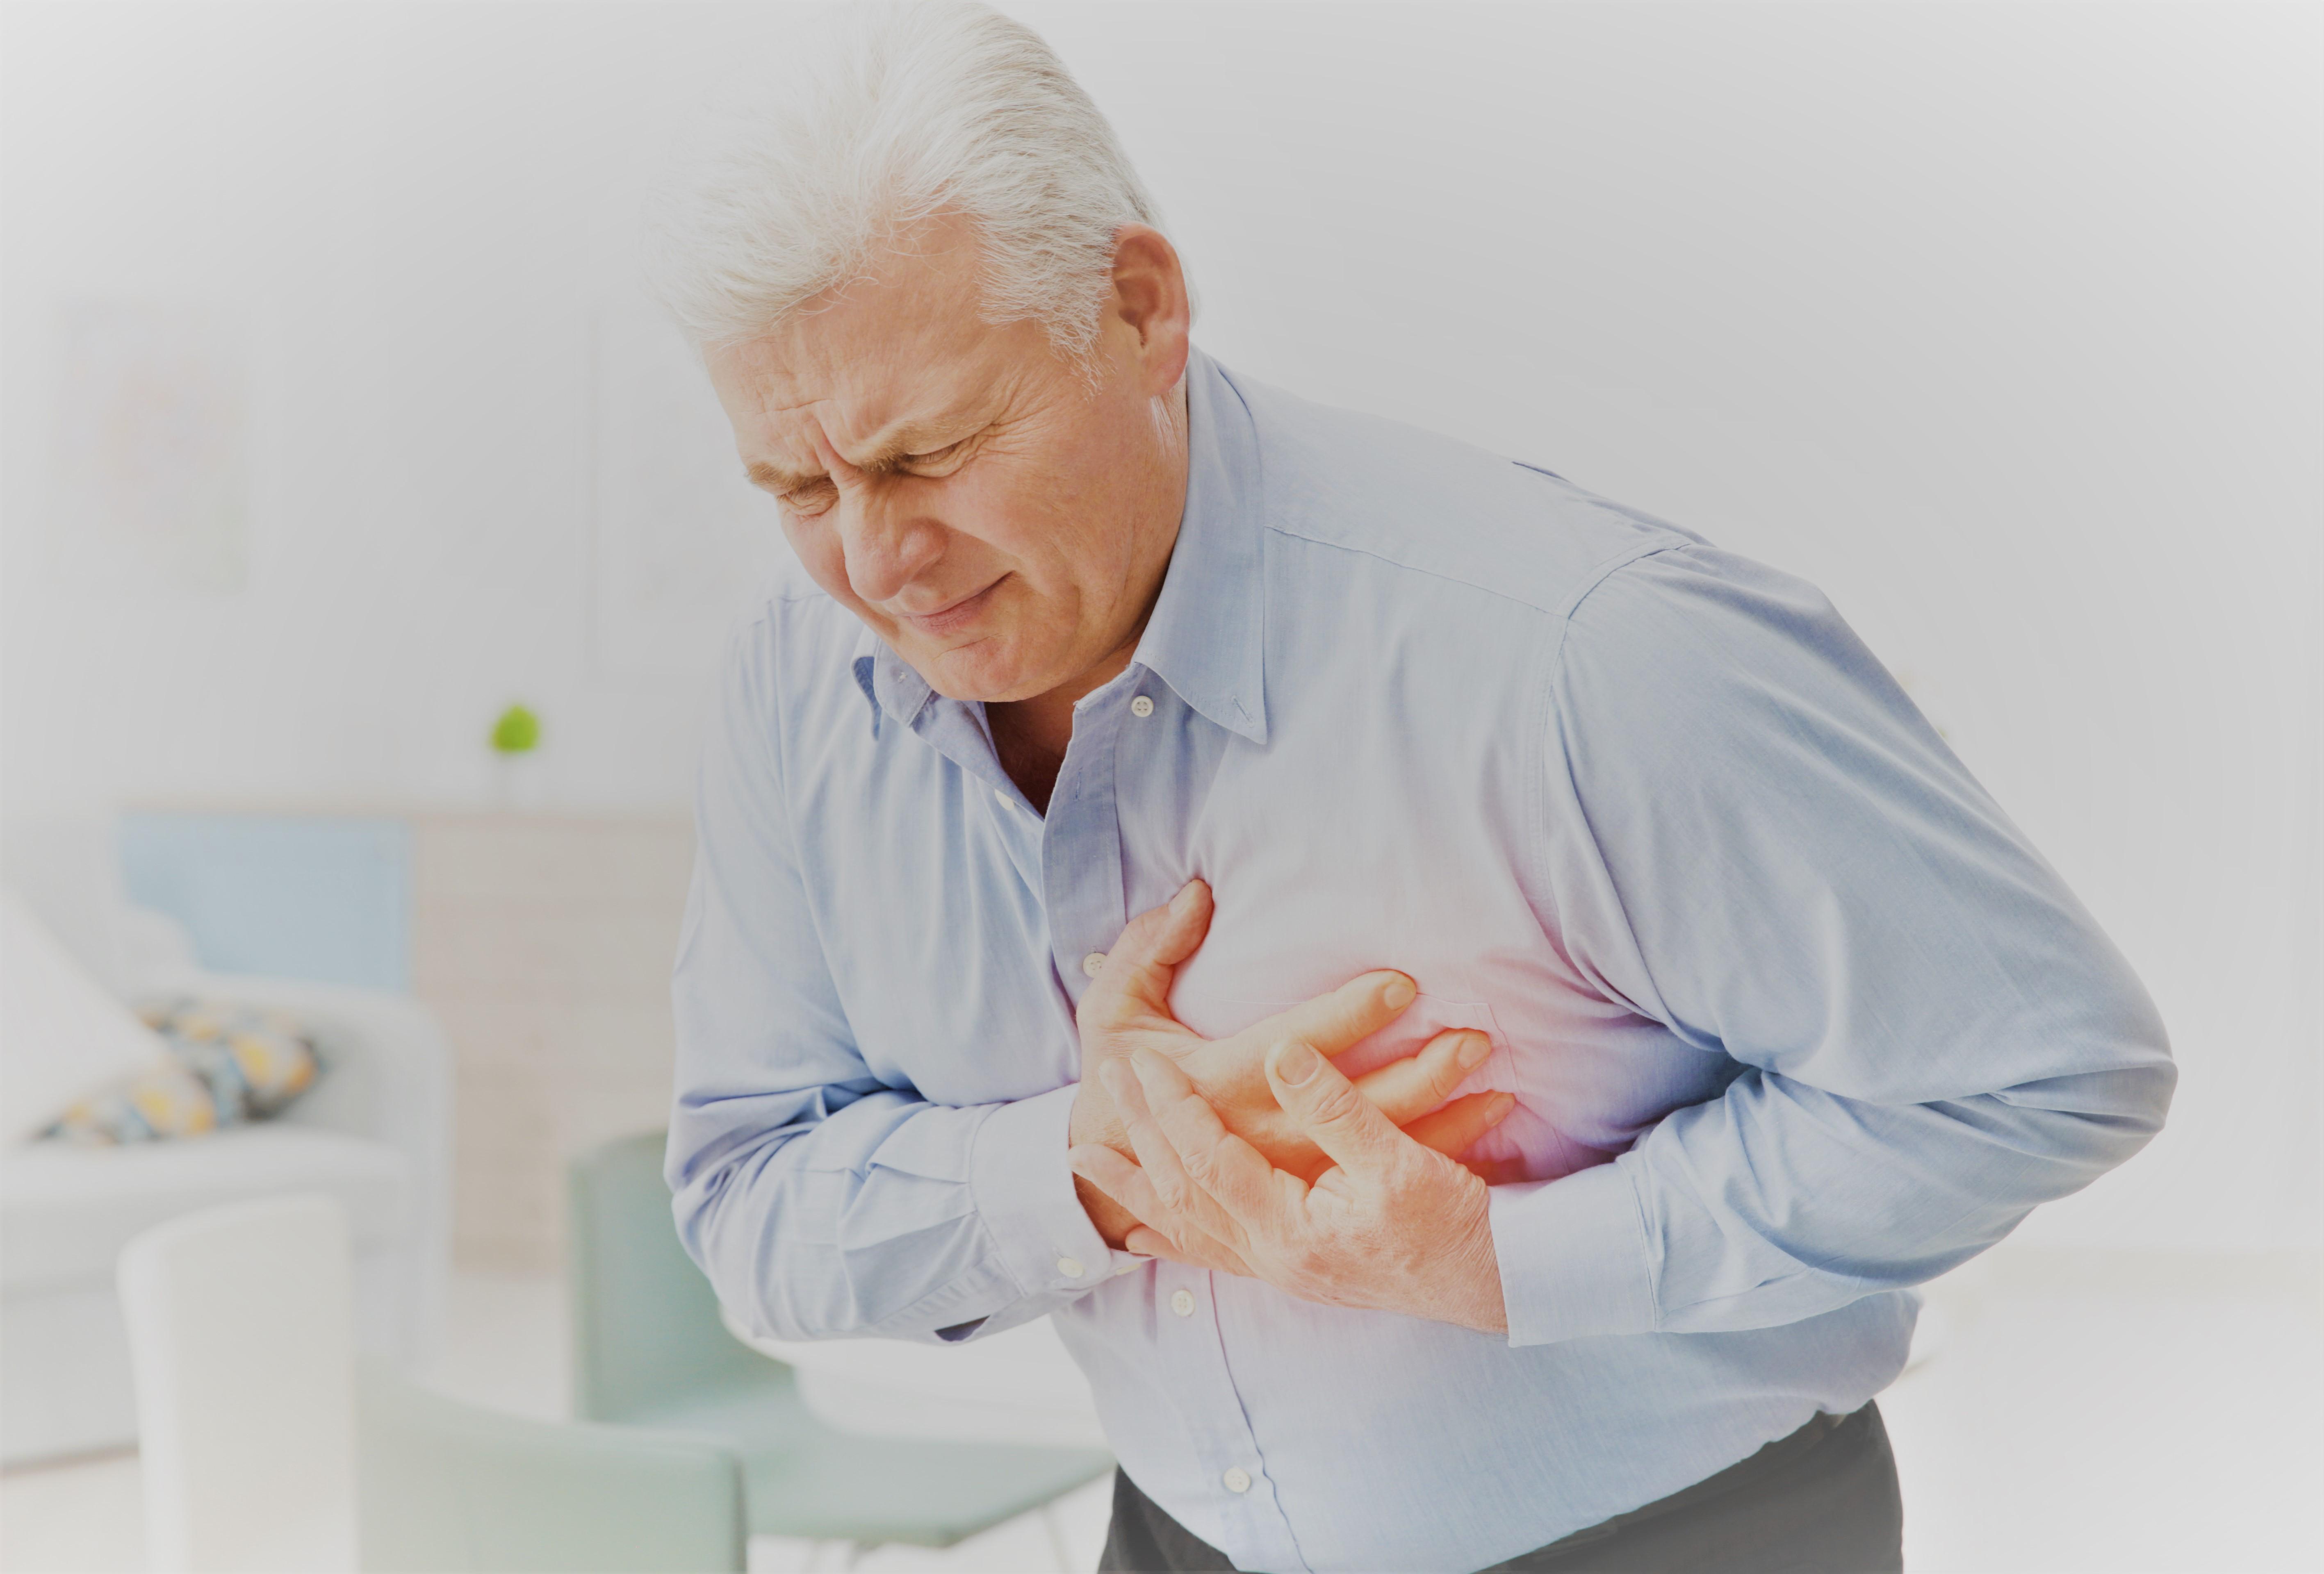 ízületek az egész test fáj, hogyan kell kezelni)